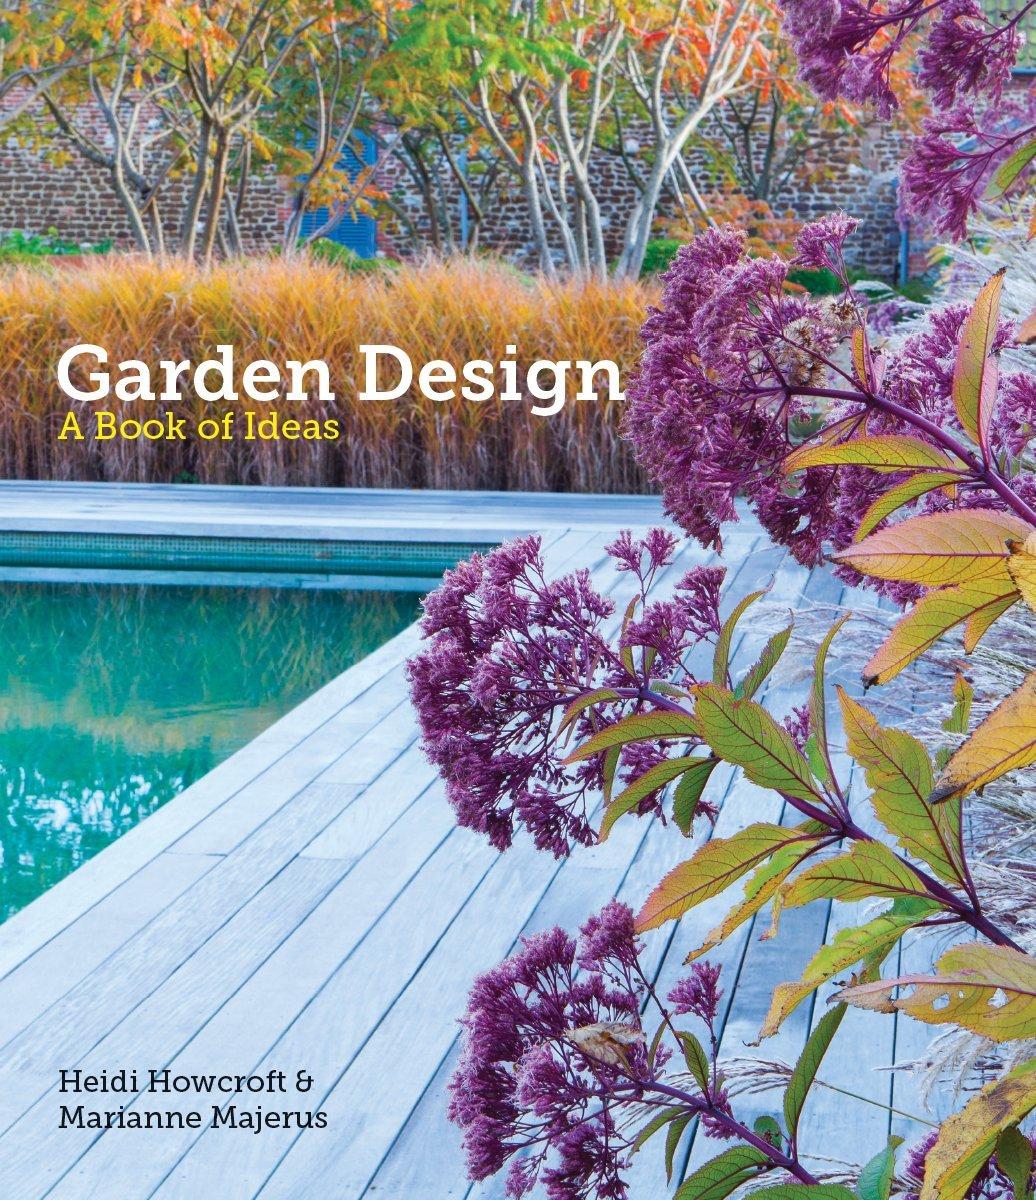 GARDEN DESIGN: A Book of Ideas: Amazon.de: Howcroft, Heidi